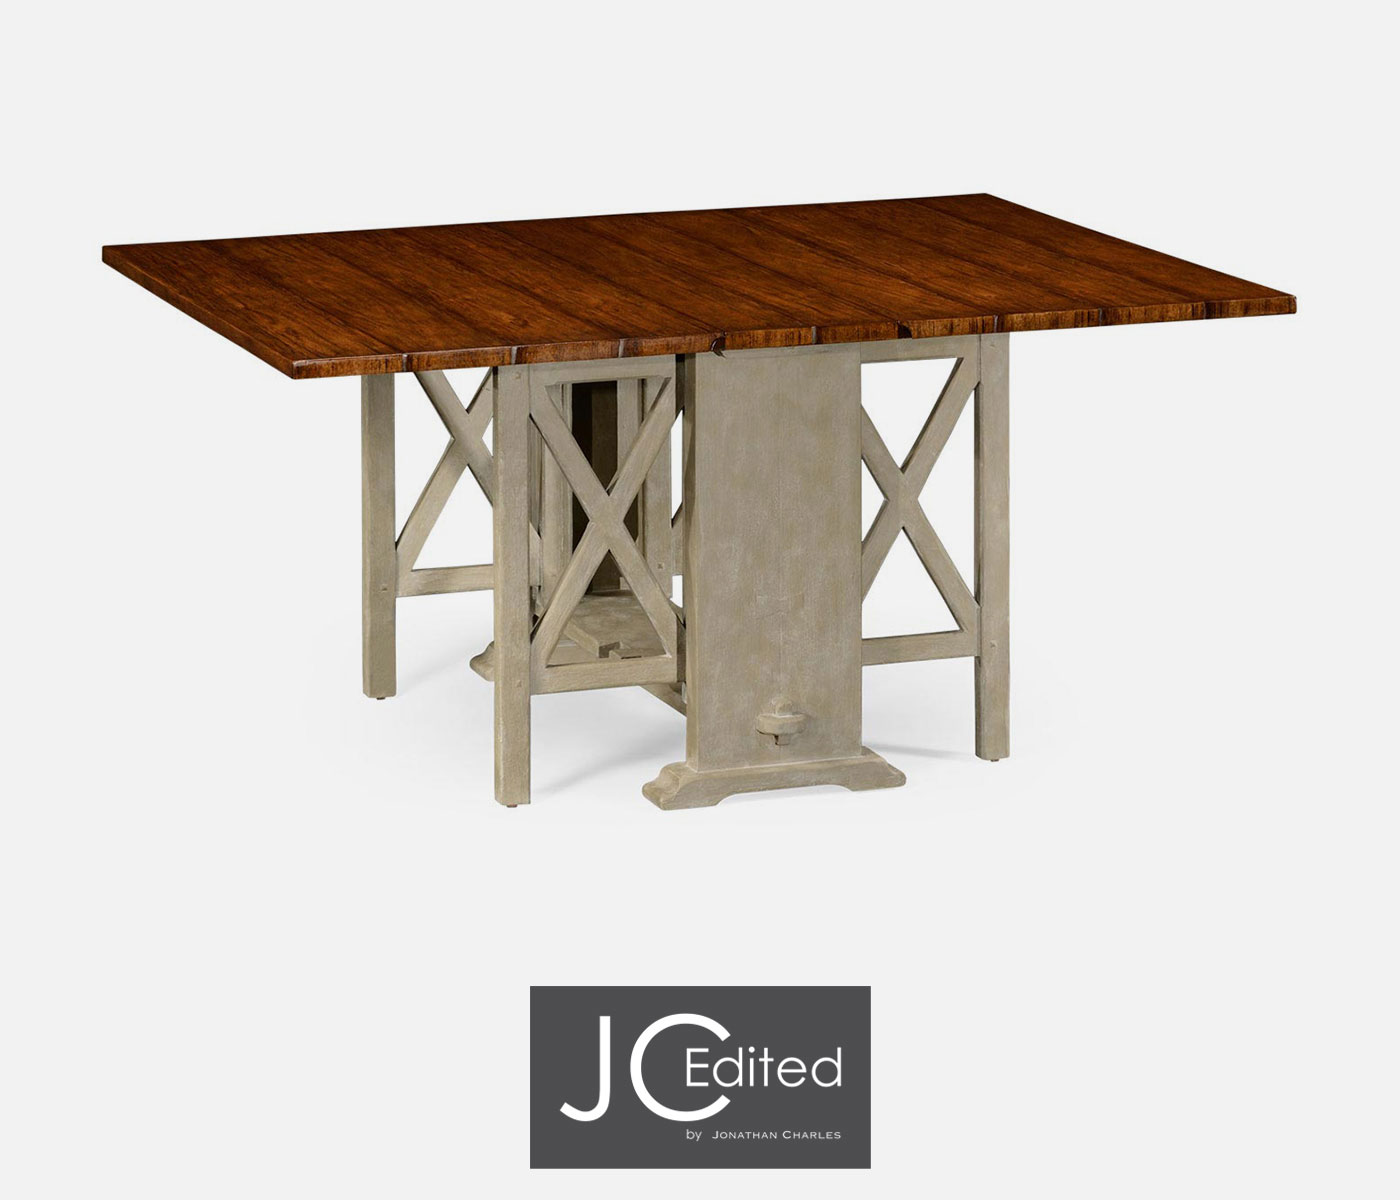 Gustavian style gateleg dining table for Gateleg dining table